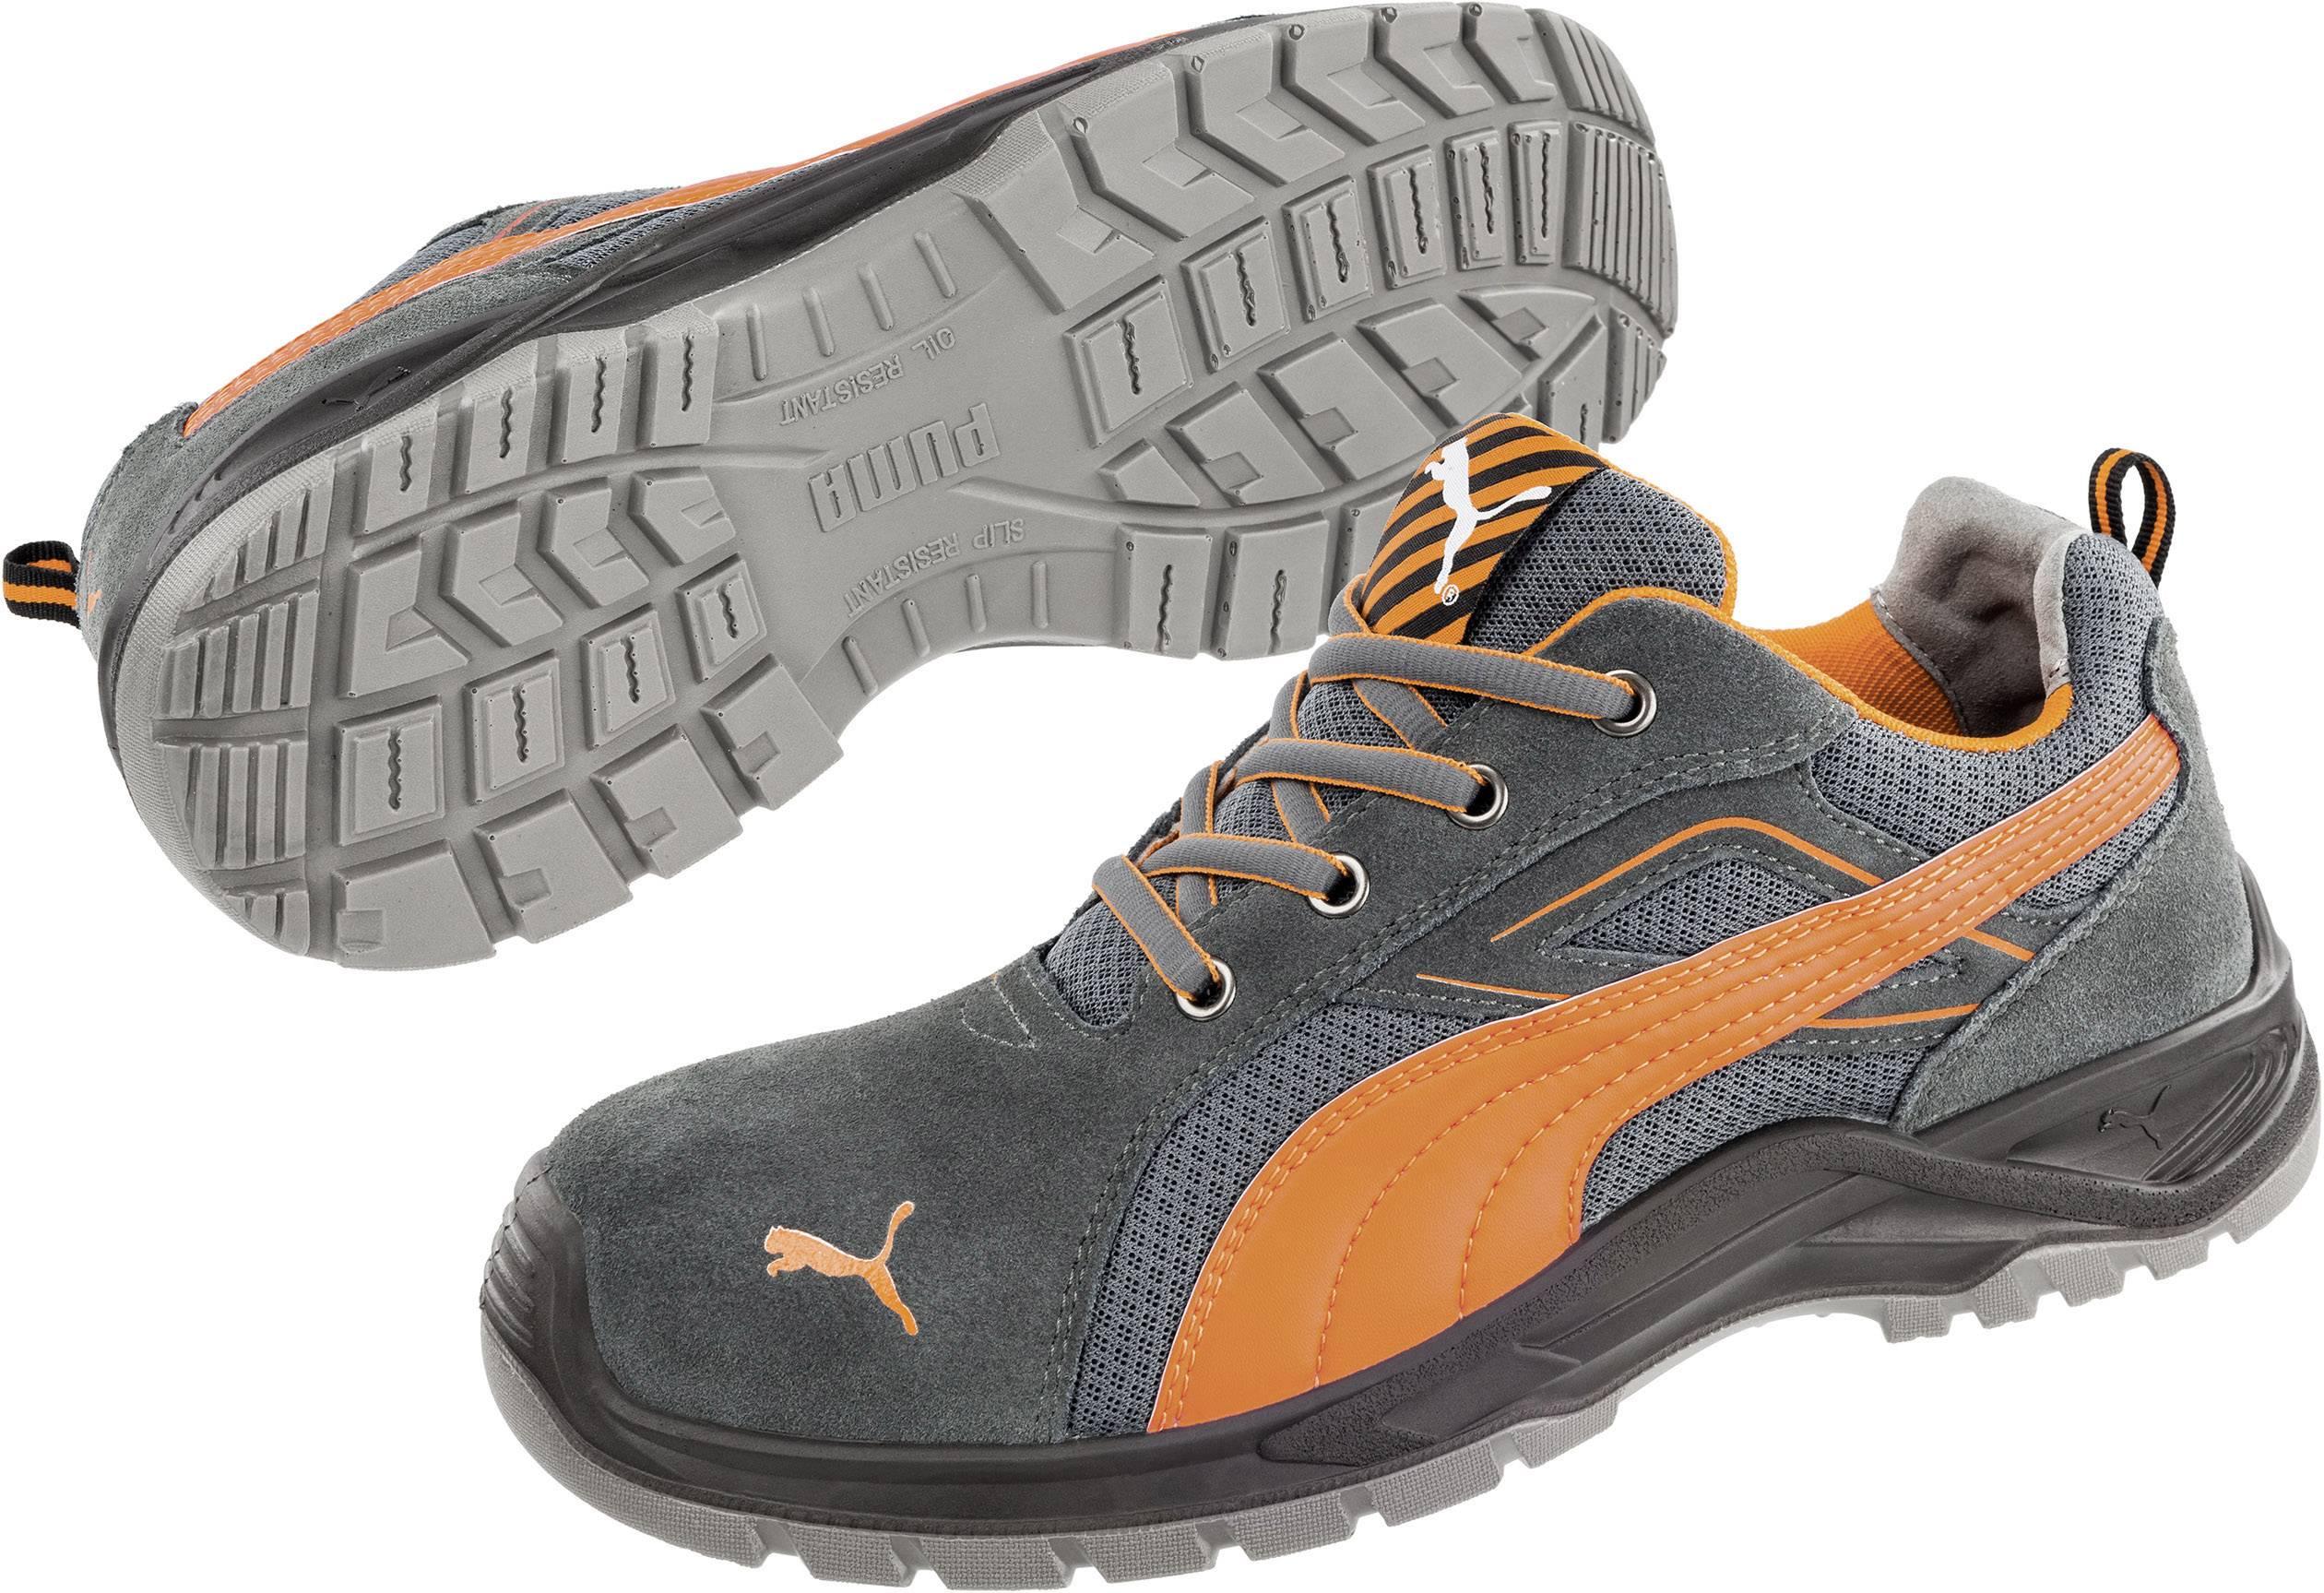 Bezpečnostní obuv S1P PUMA Safety Omni Orange Low SRC 643620-44, vel.: 44, černá, oranžová, 1 pár